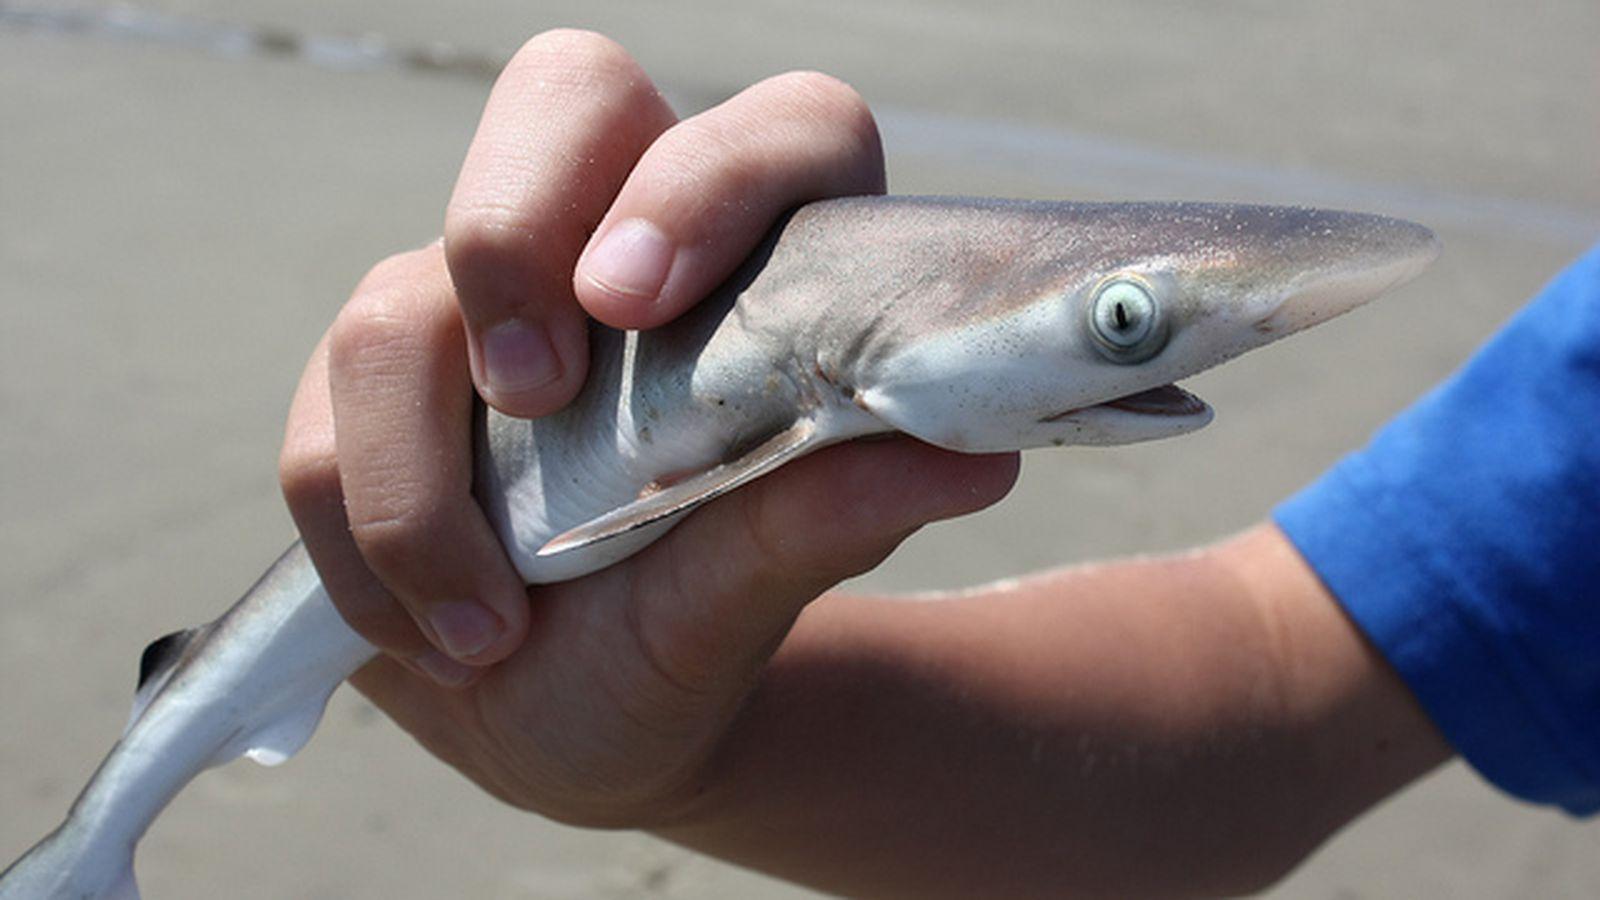 How Shark Week screws scientists - The Verge